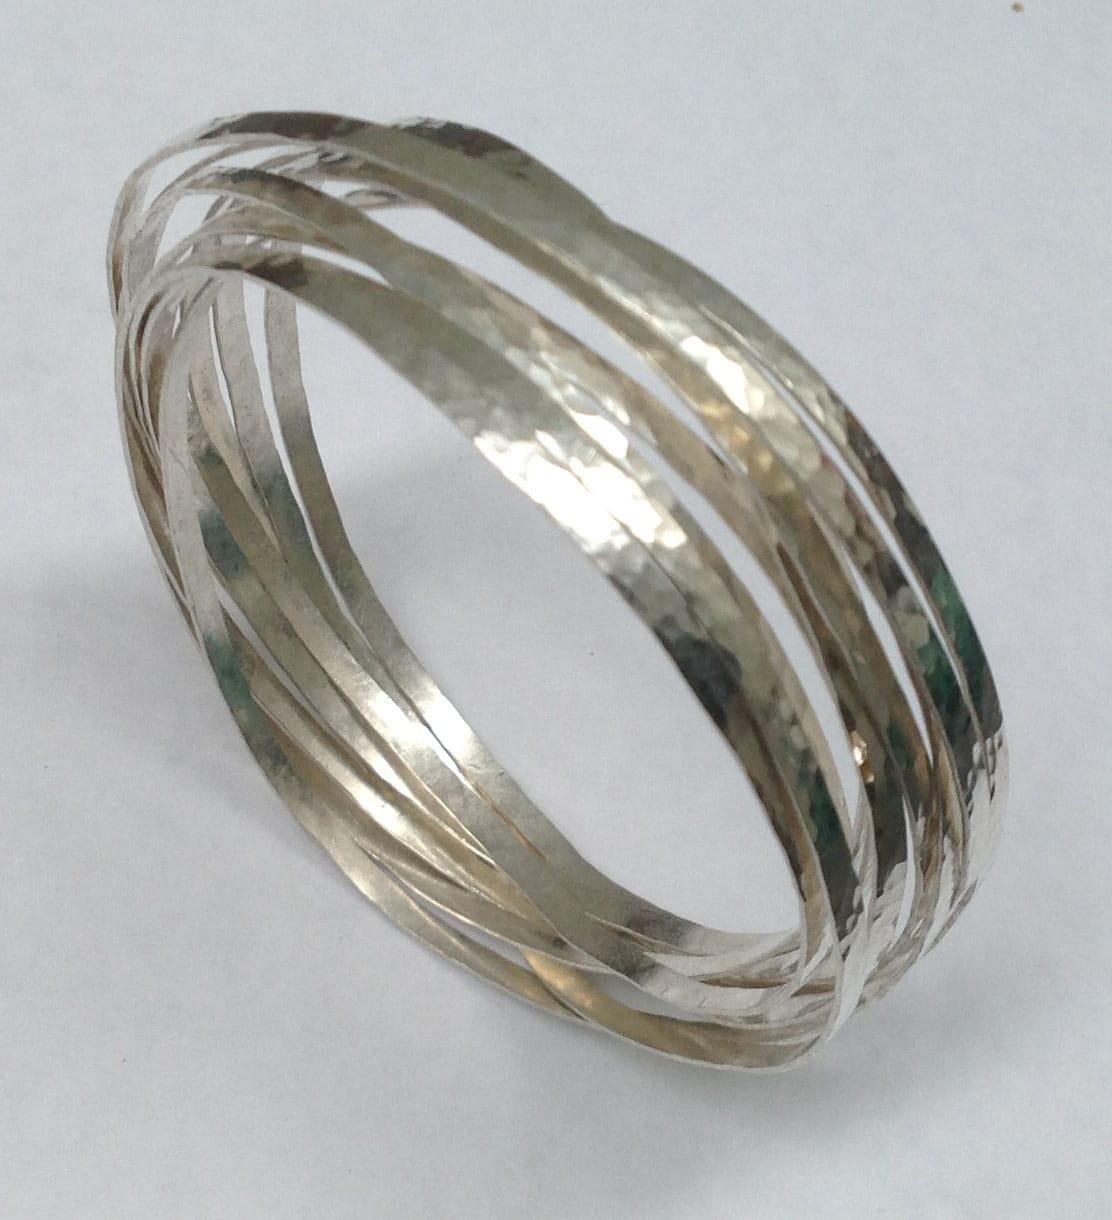 Tensioned hammered sterling silver ribbon bracelet